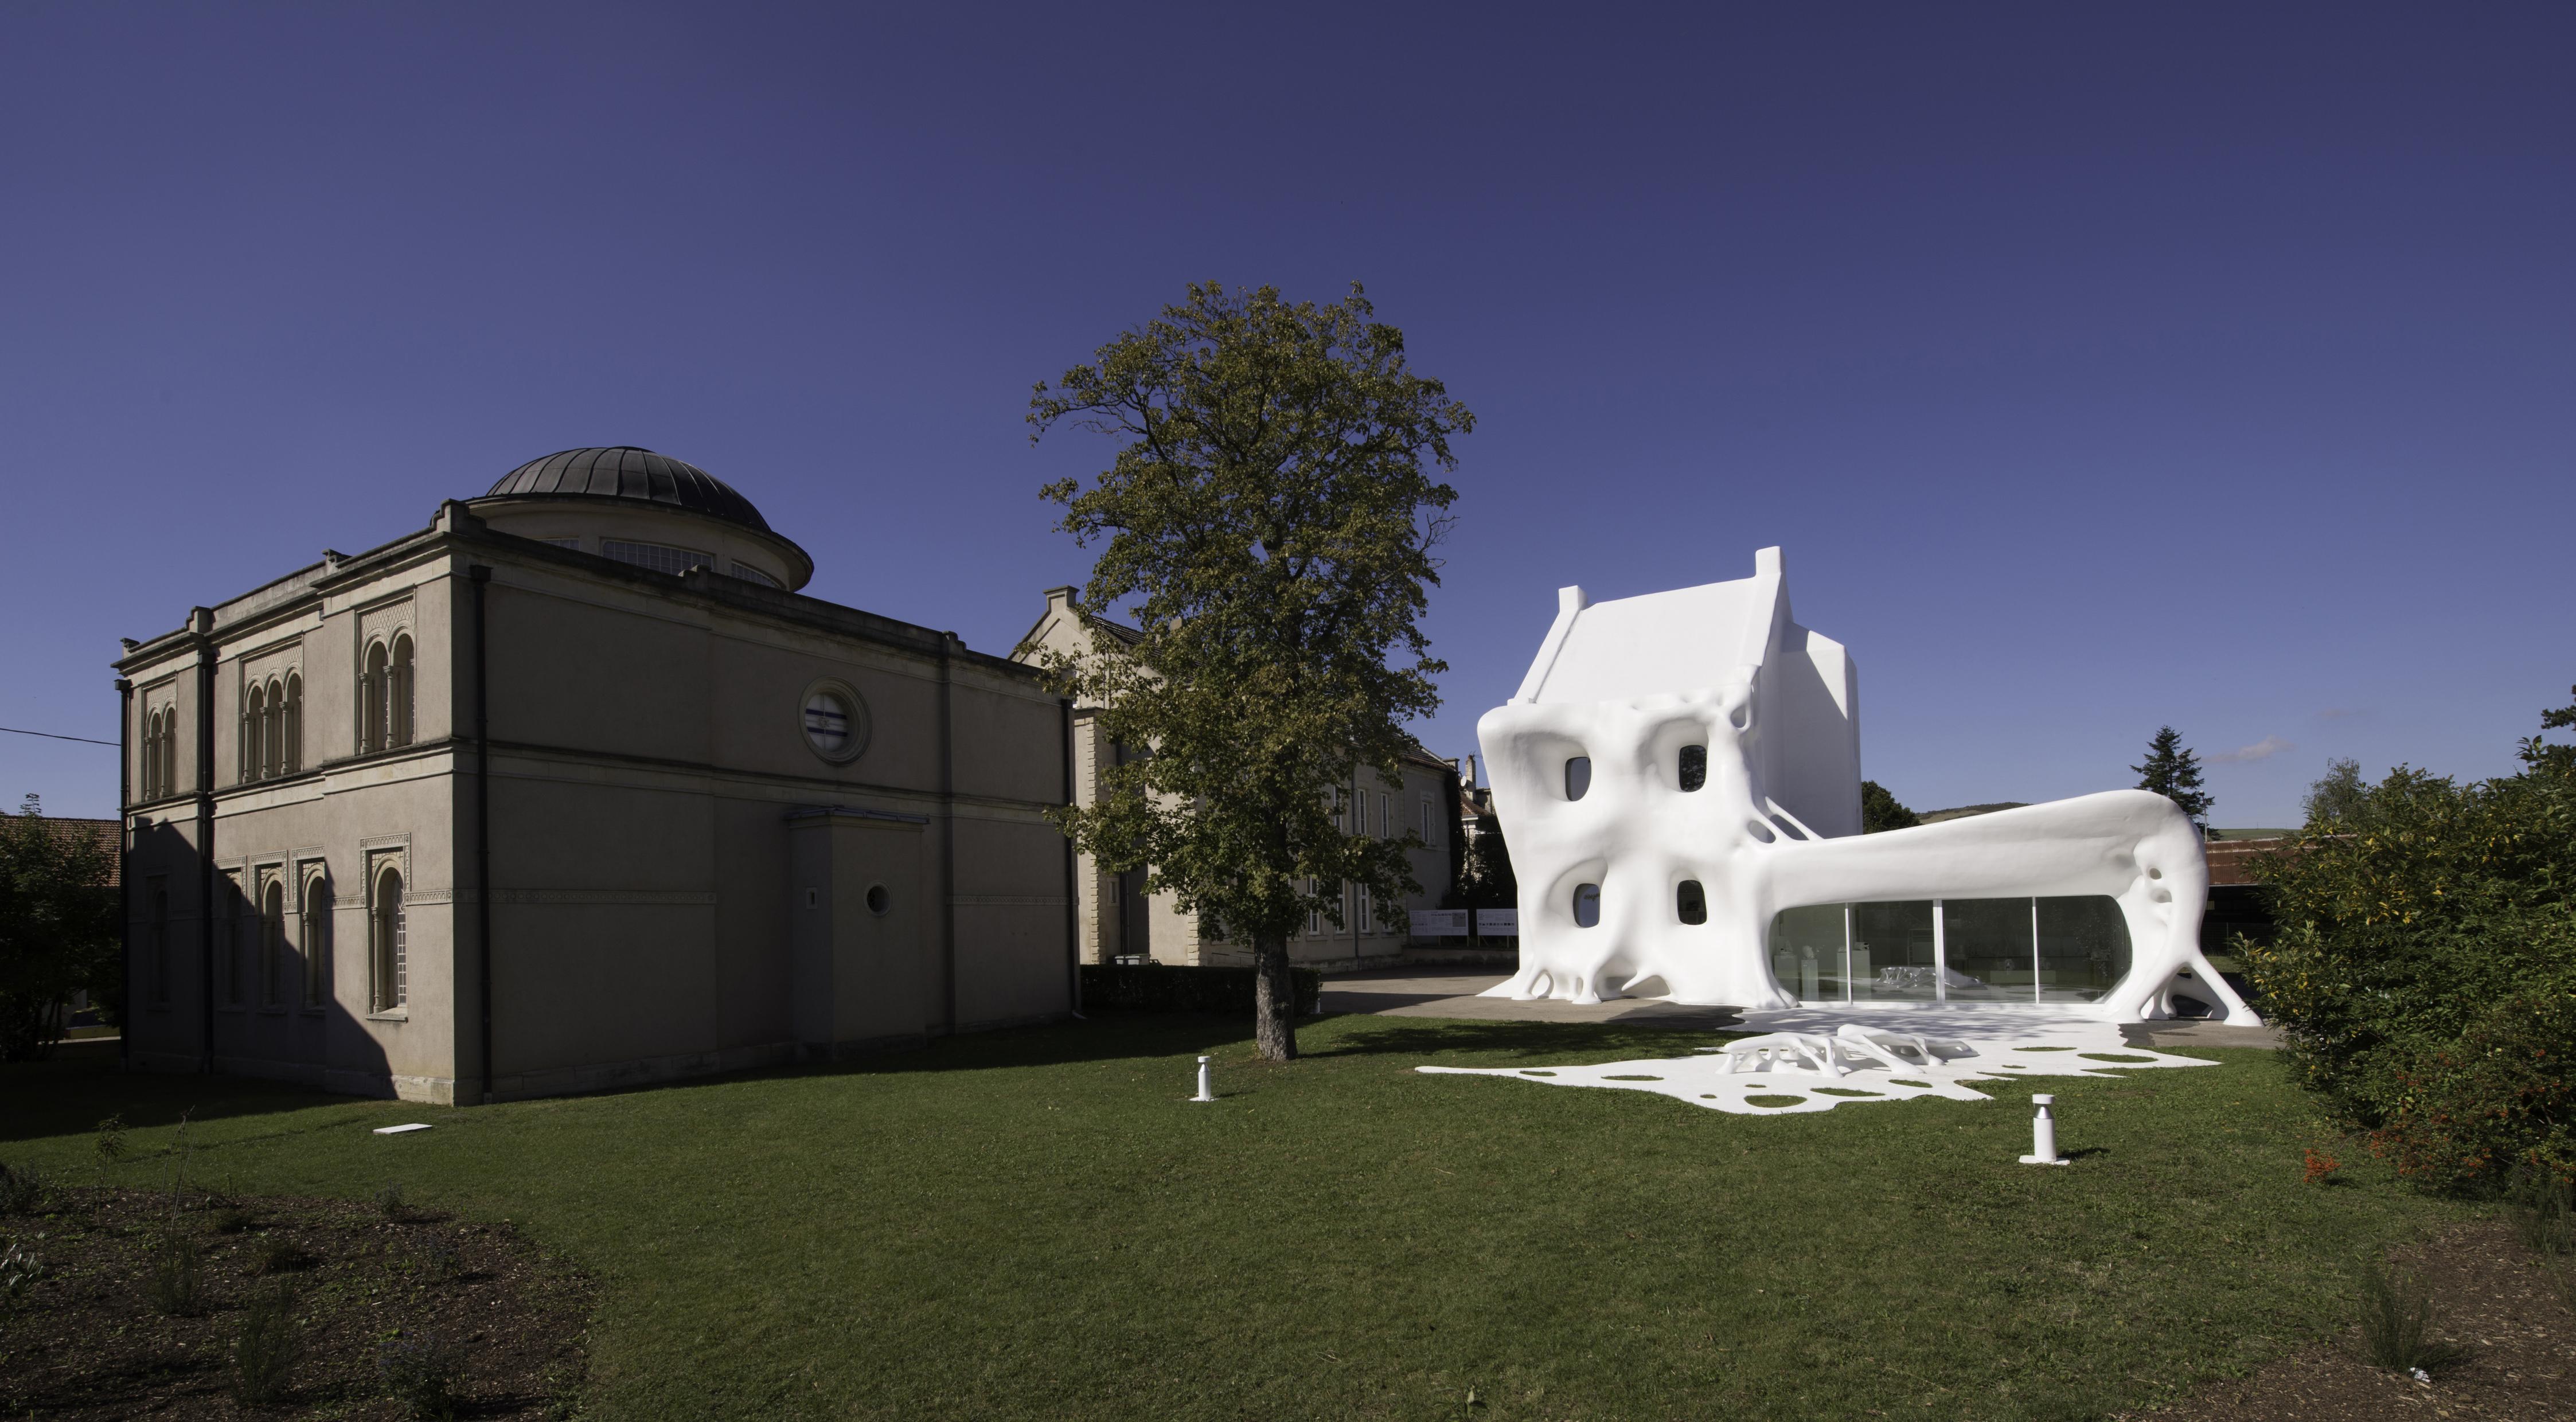 Centre d'art contemporain la synagogue de Delme, Gue(ho)st House, Berdaguer & Péjus, 2012 © Adagp Paris 2012 / Berdaguer & Péjus, Foto: OHDancy photographe